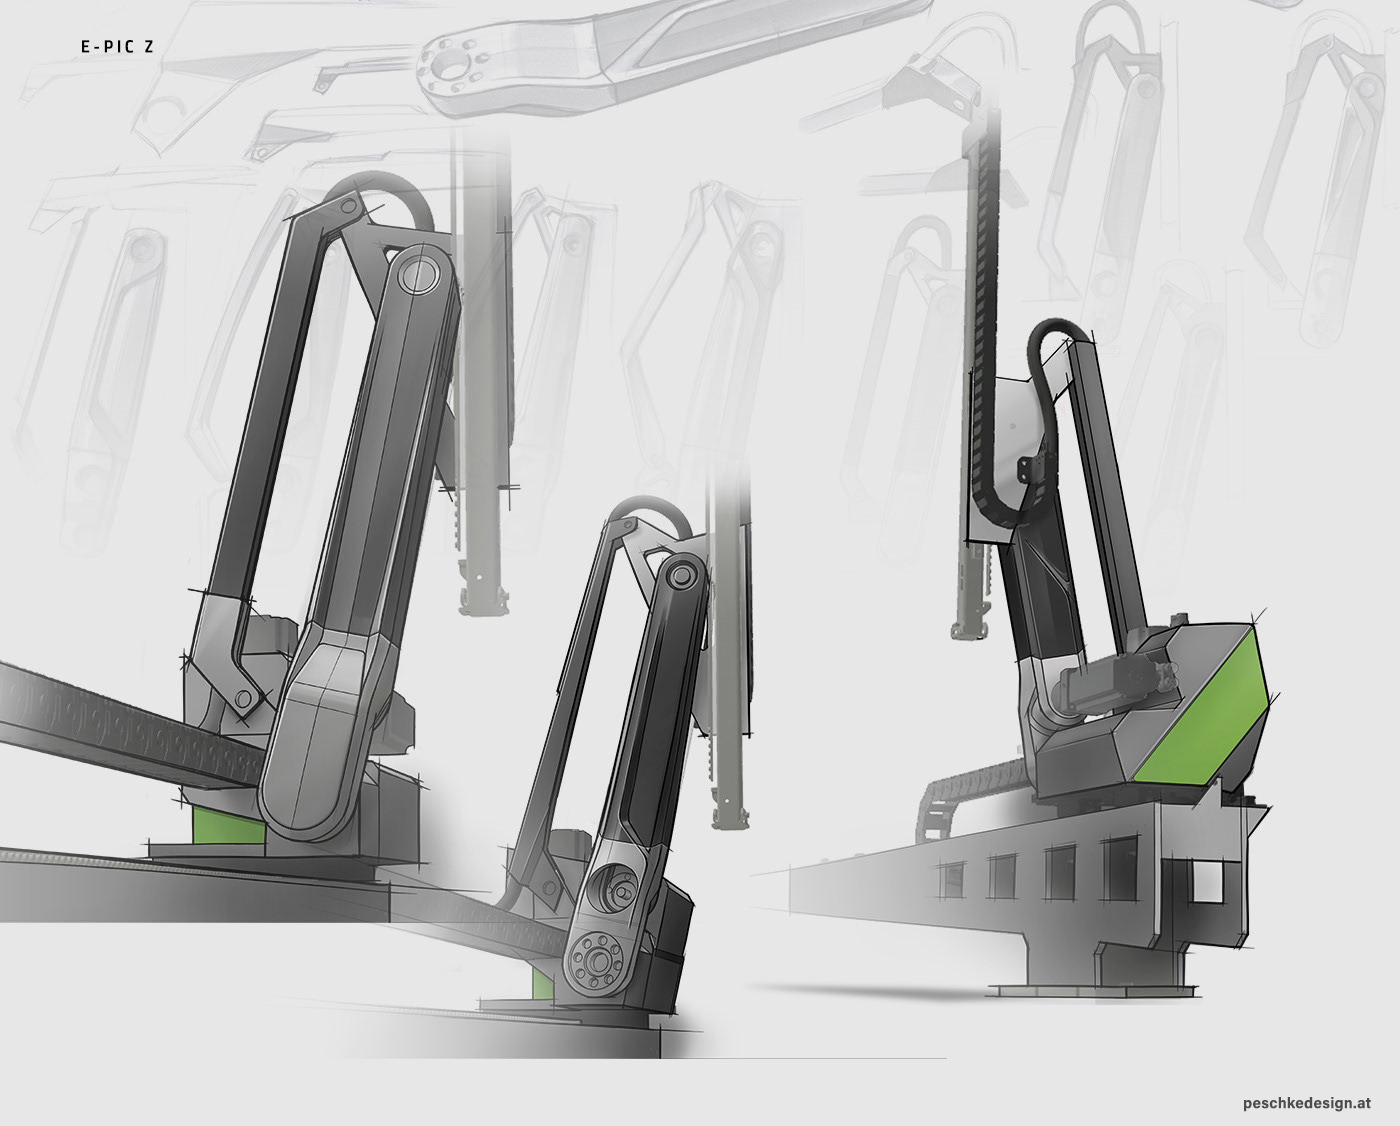 Entwurfs-Skizzen für das Indutriedesign des Engel Pic Roboters.